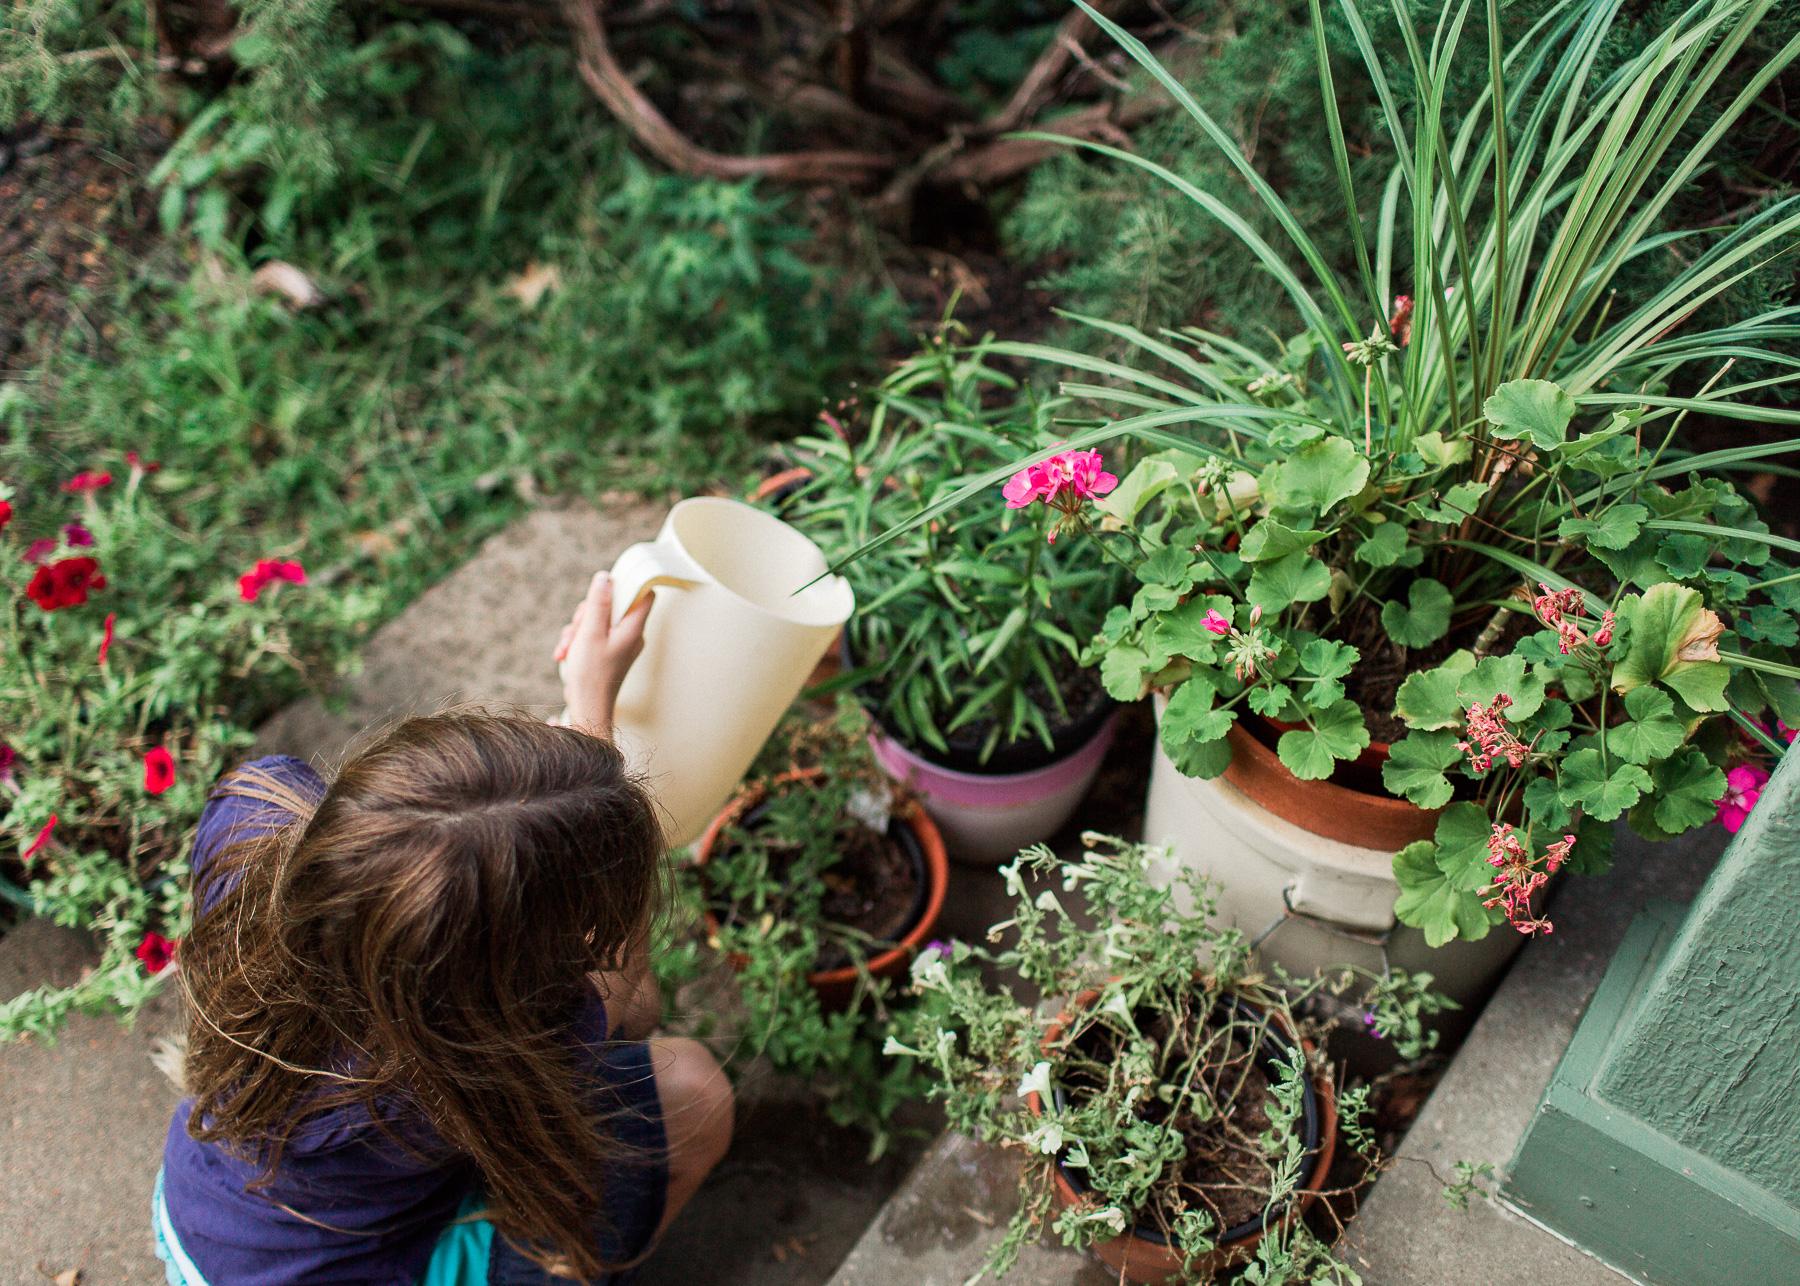 homeschooling daughter watering plants